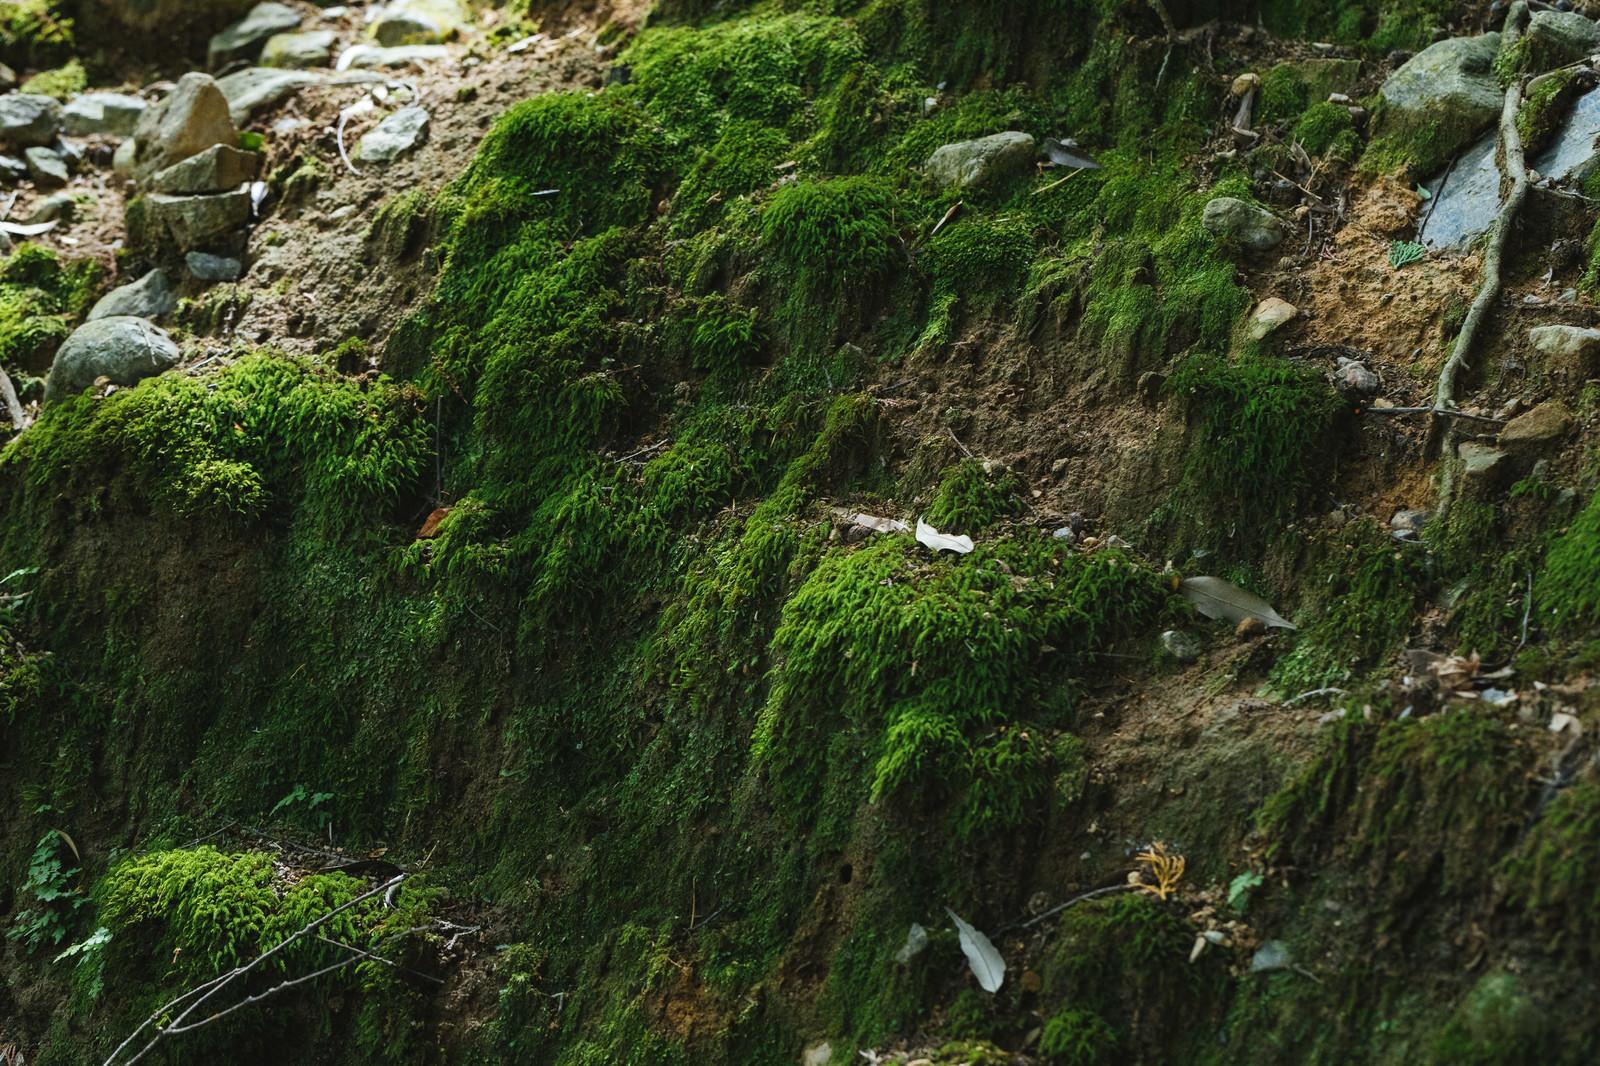 「壁面に生える苔壁面に生える苔」のフリー写真素材を拡大